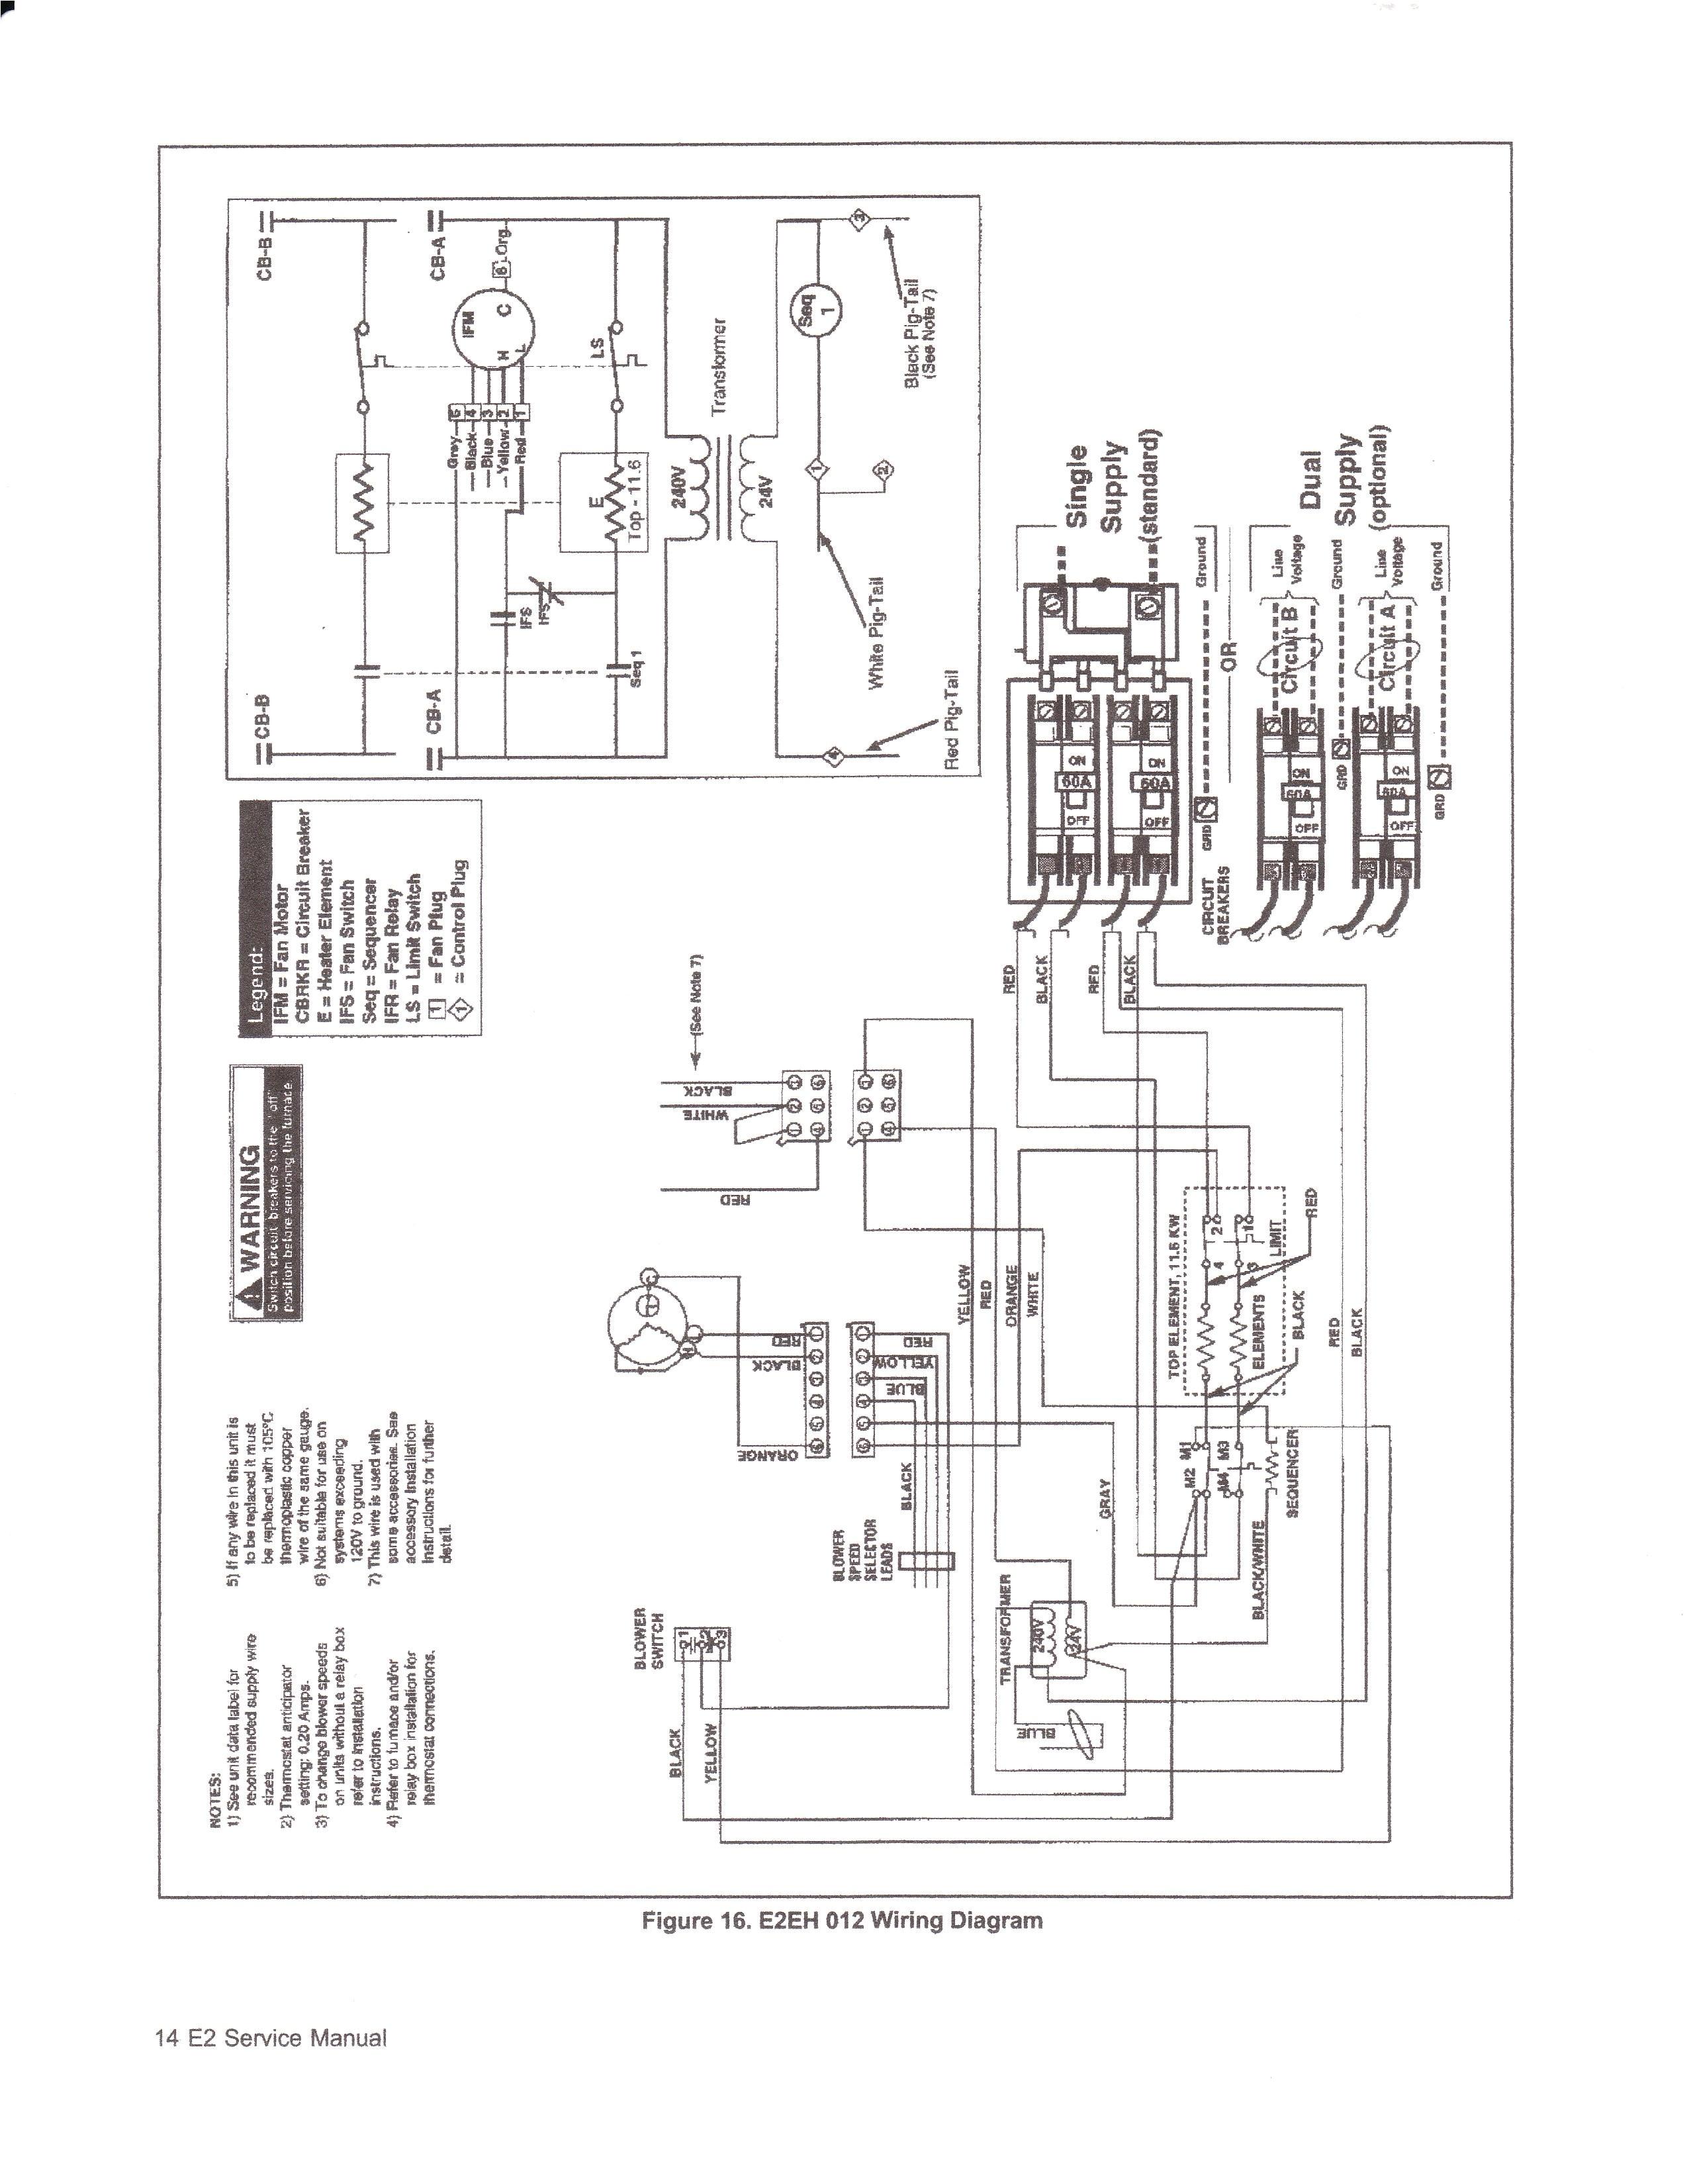 miller electric furnace wiring diagram nordyne wiring diagram electric furnace new intertherm electric furnace wiring diagram for nordyne heat pump 17p jpg